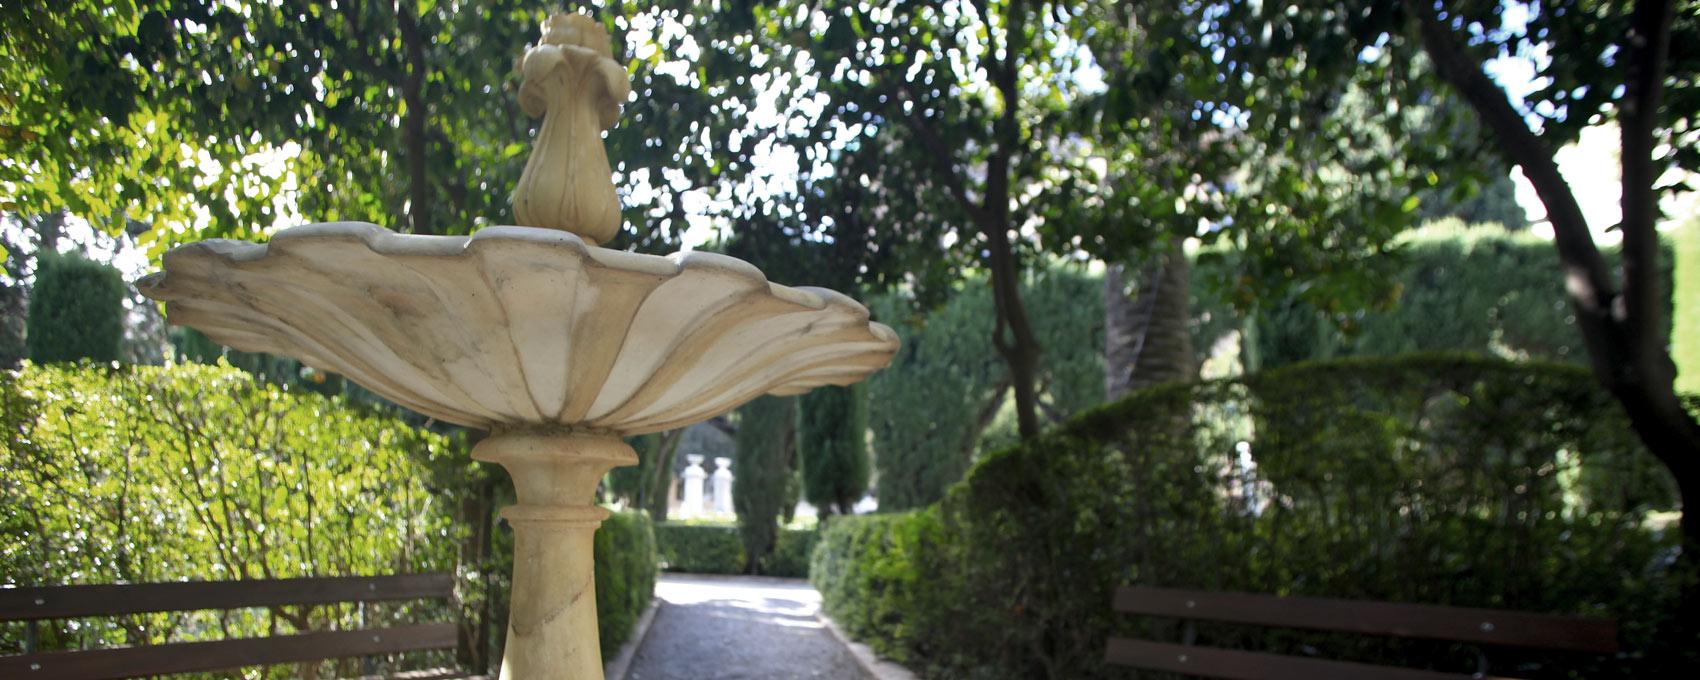 La fuente de los naranjos o jardincillo de la fuente, contiguo a la rosaleda, está situado en la zona triangular entre el parterre viejo y el nuevo. Casi todas las especies que lo rodean son aromáticas.